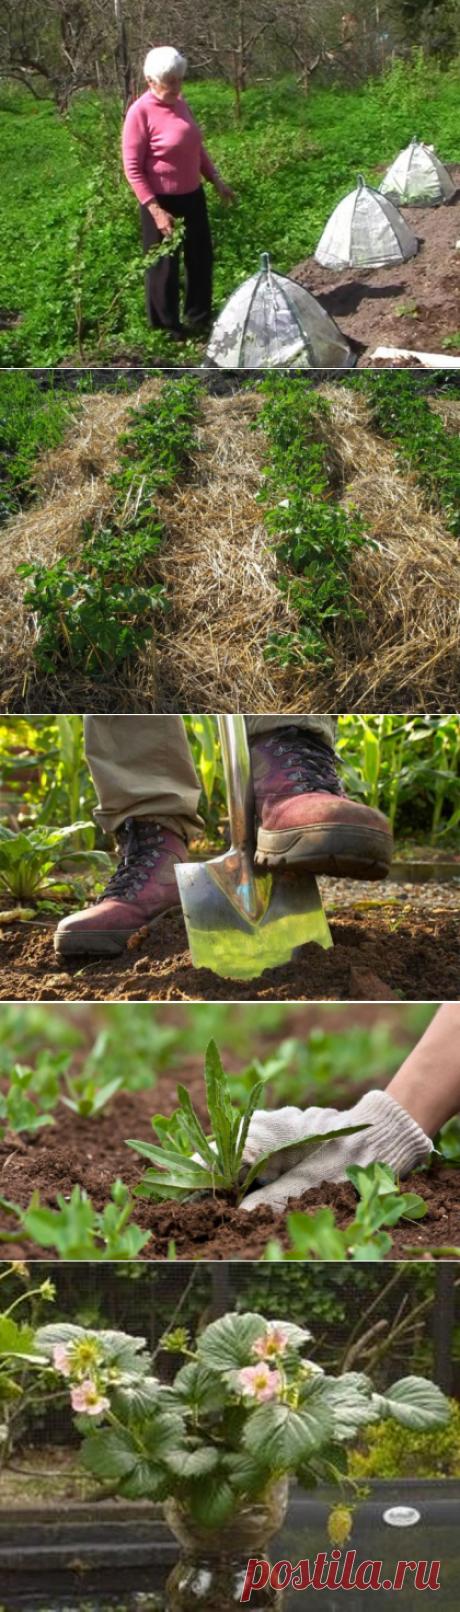 Огород без хлопот: советы Галины Кизимы, не поливать, не копать, не полоть, фото, видео